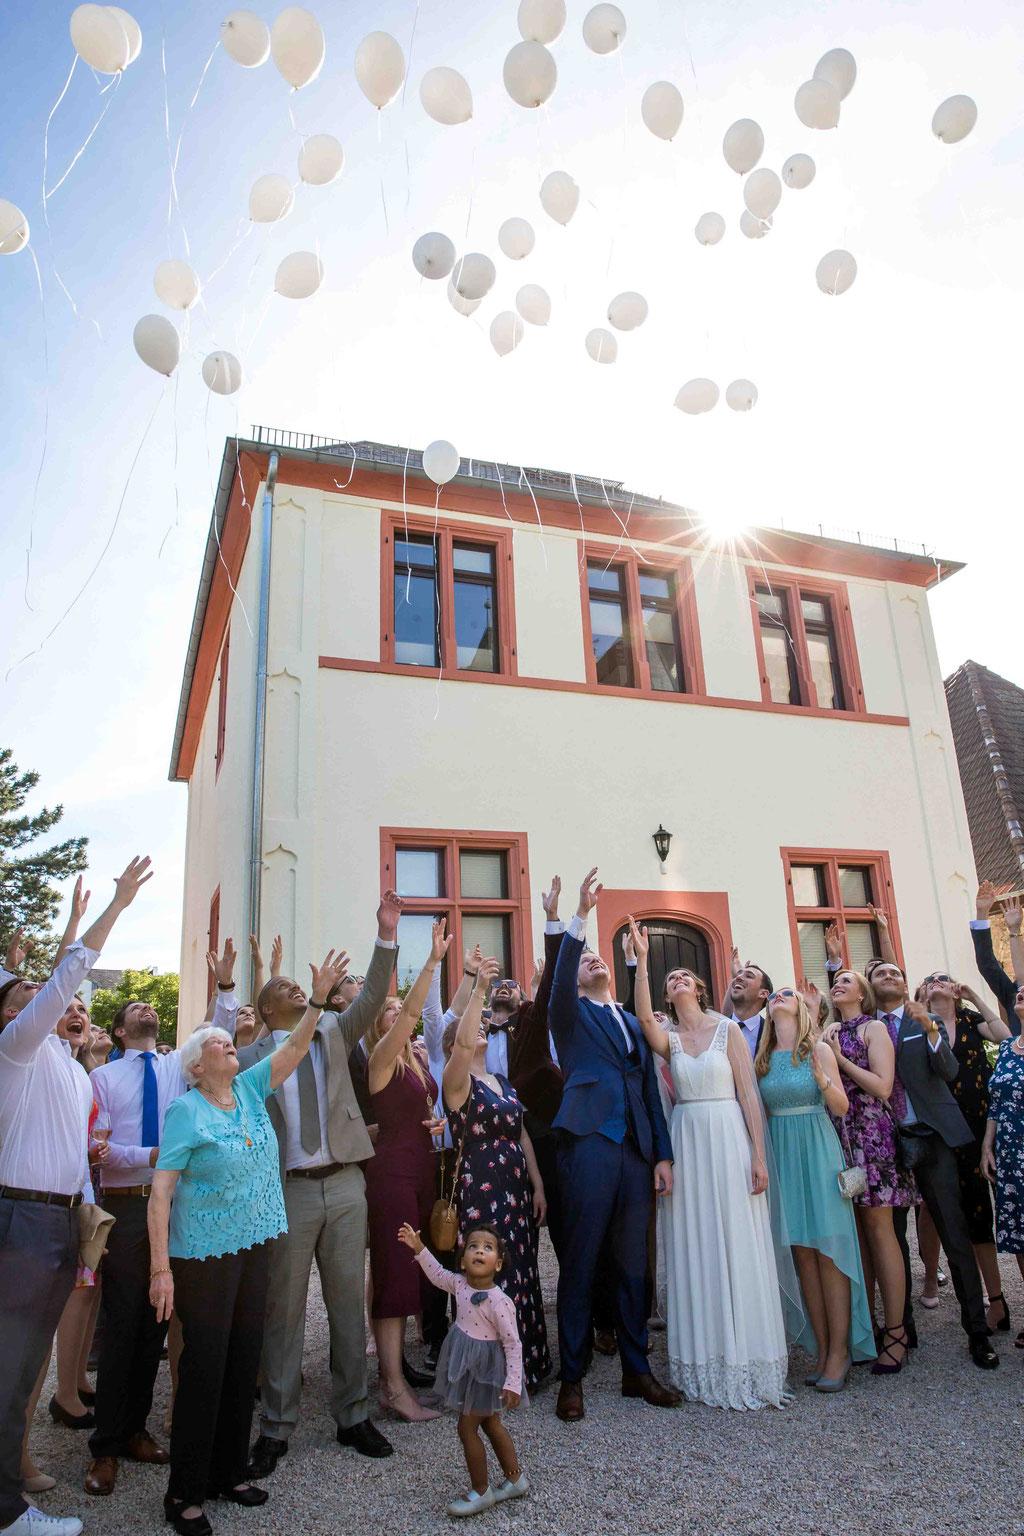 Gruppenbild Hochzeit Hochzeitsfotograf, Gruppenfoto an der Hochzeit